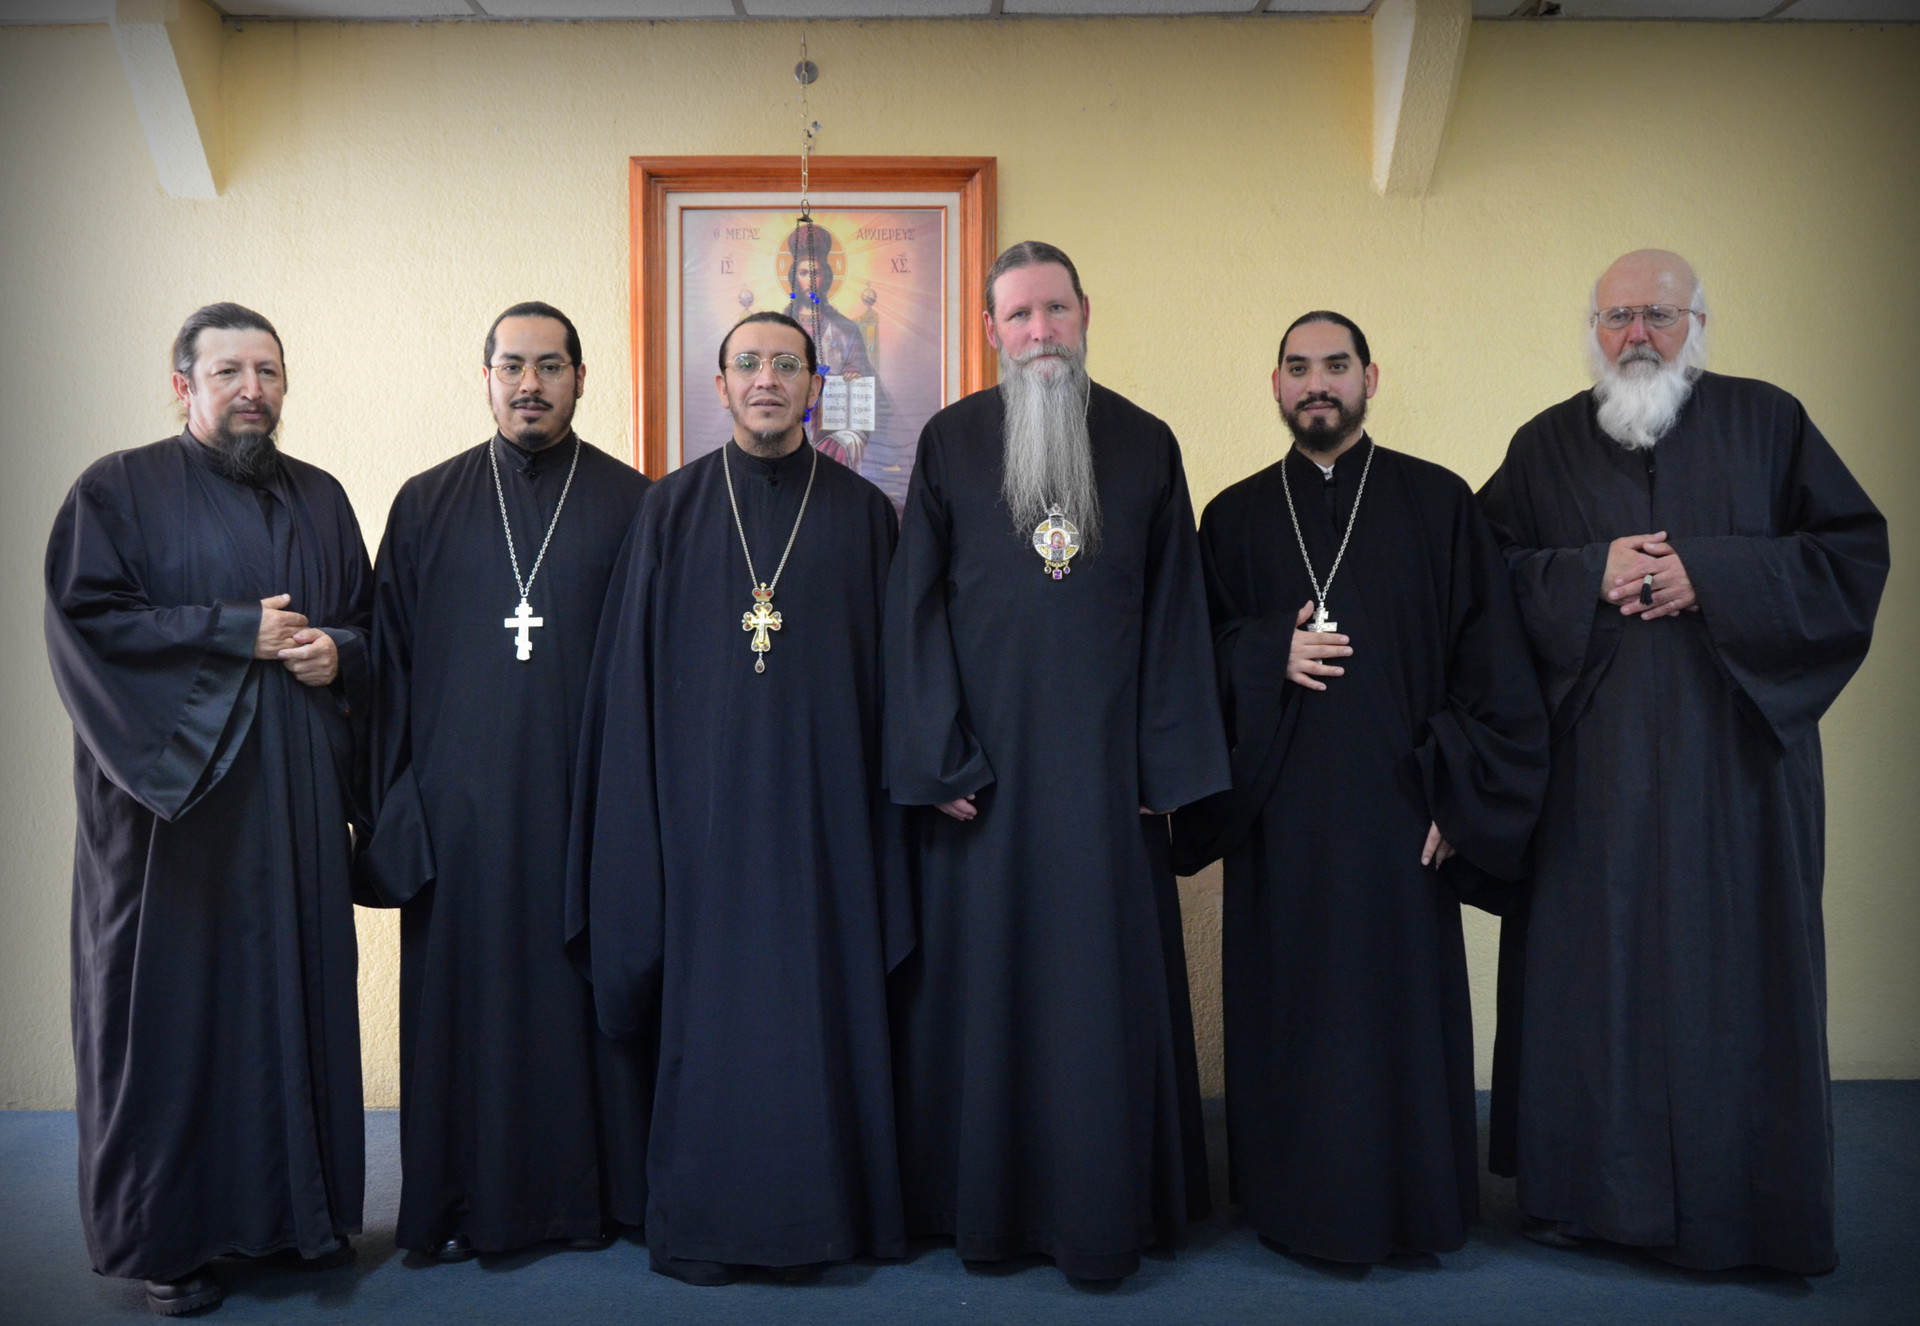 Его Высокопреосвященство Кирилл, Архиепископ Сан-Францисский и Западно-Американский с братией монастыря